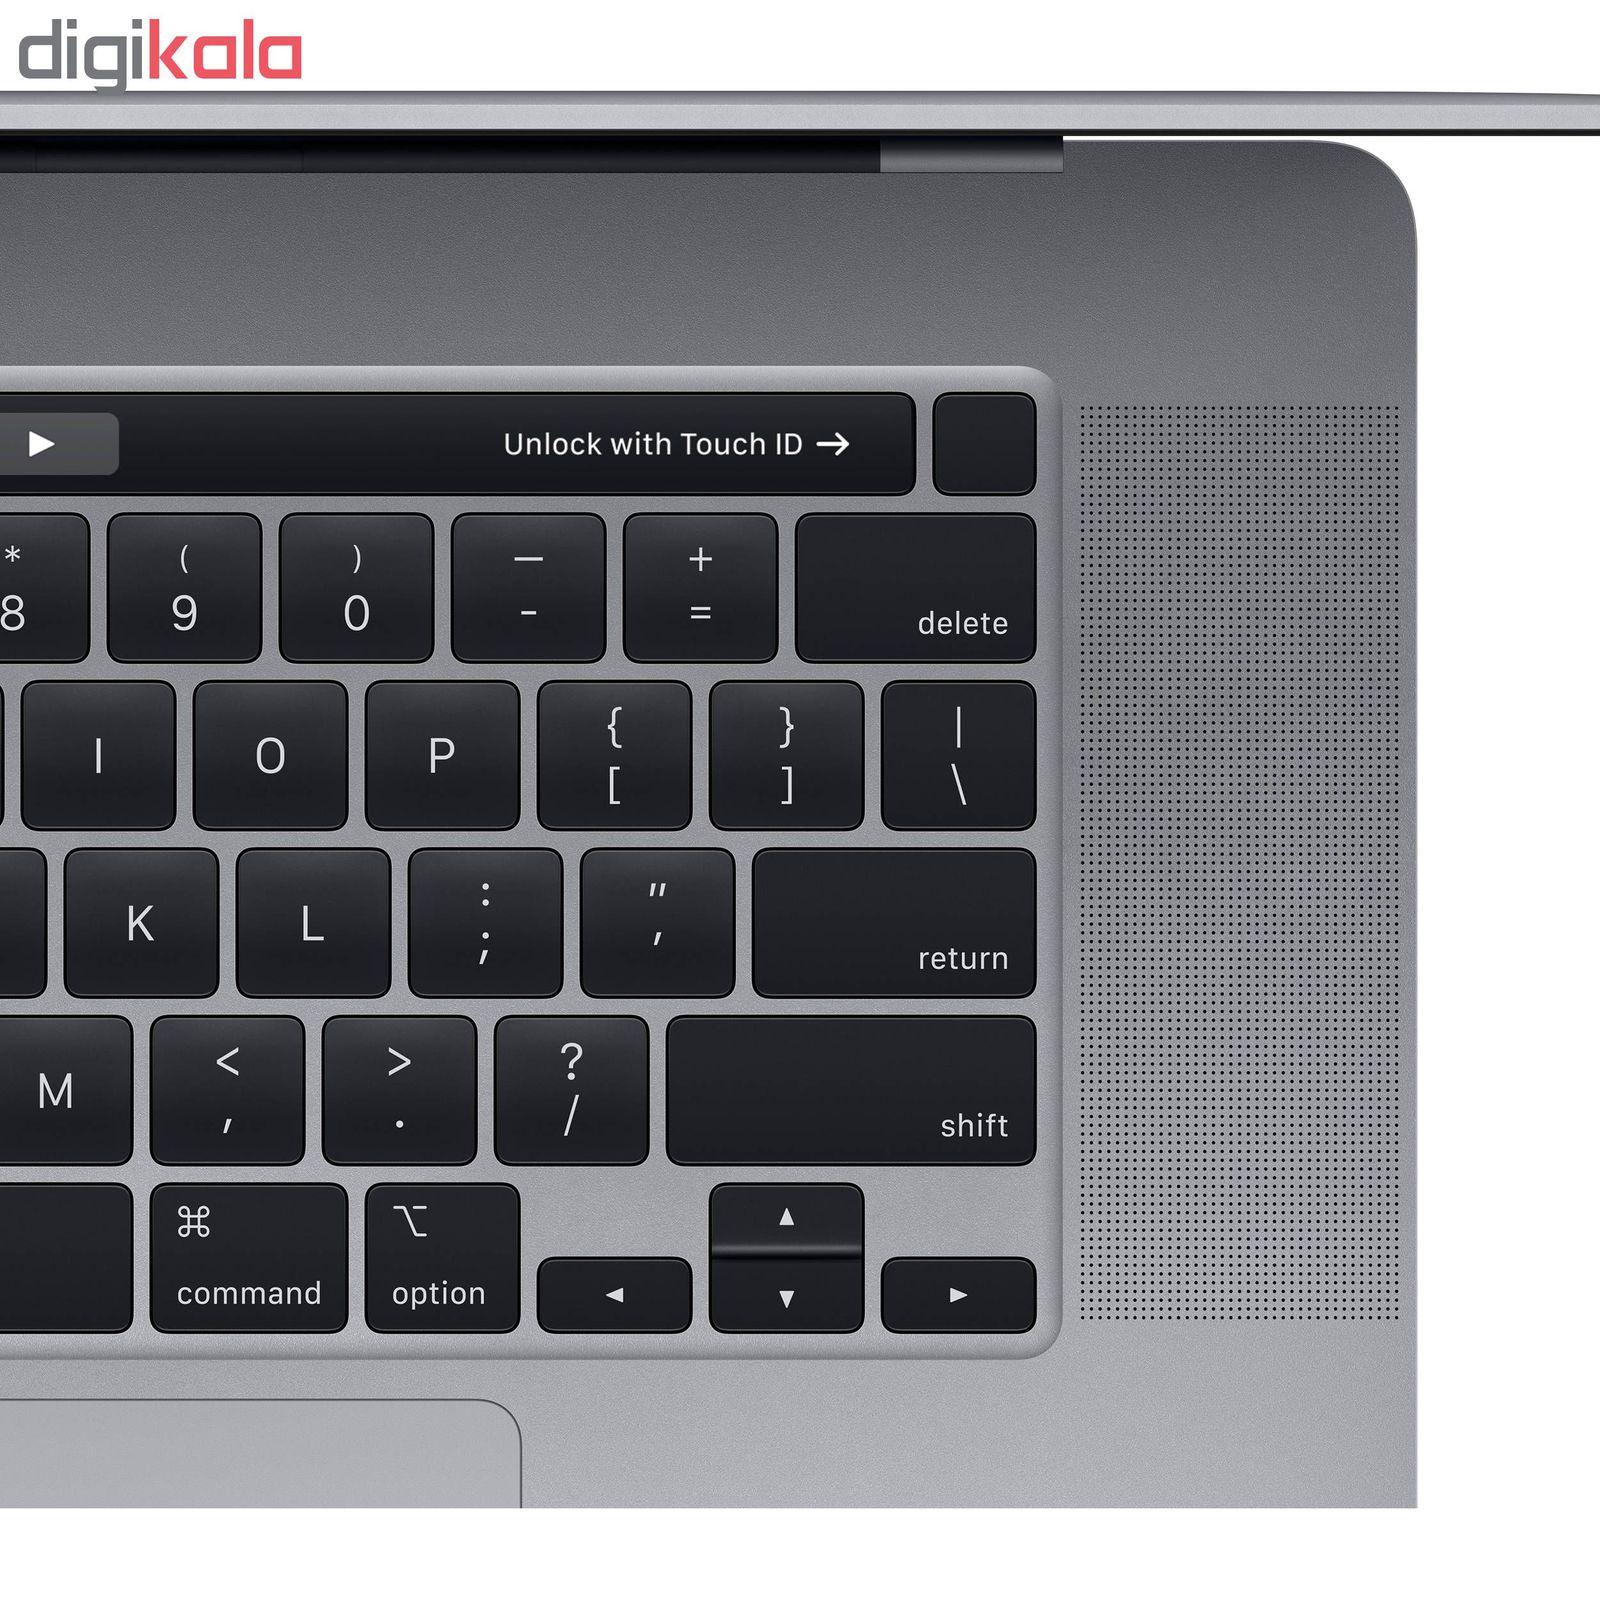 لپ تاپ 16 اینچی اپل مدل MacBook Pro MVVK2 2019 همراه با تاچ بار main 1 4